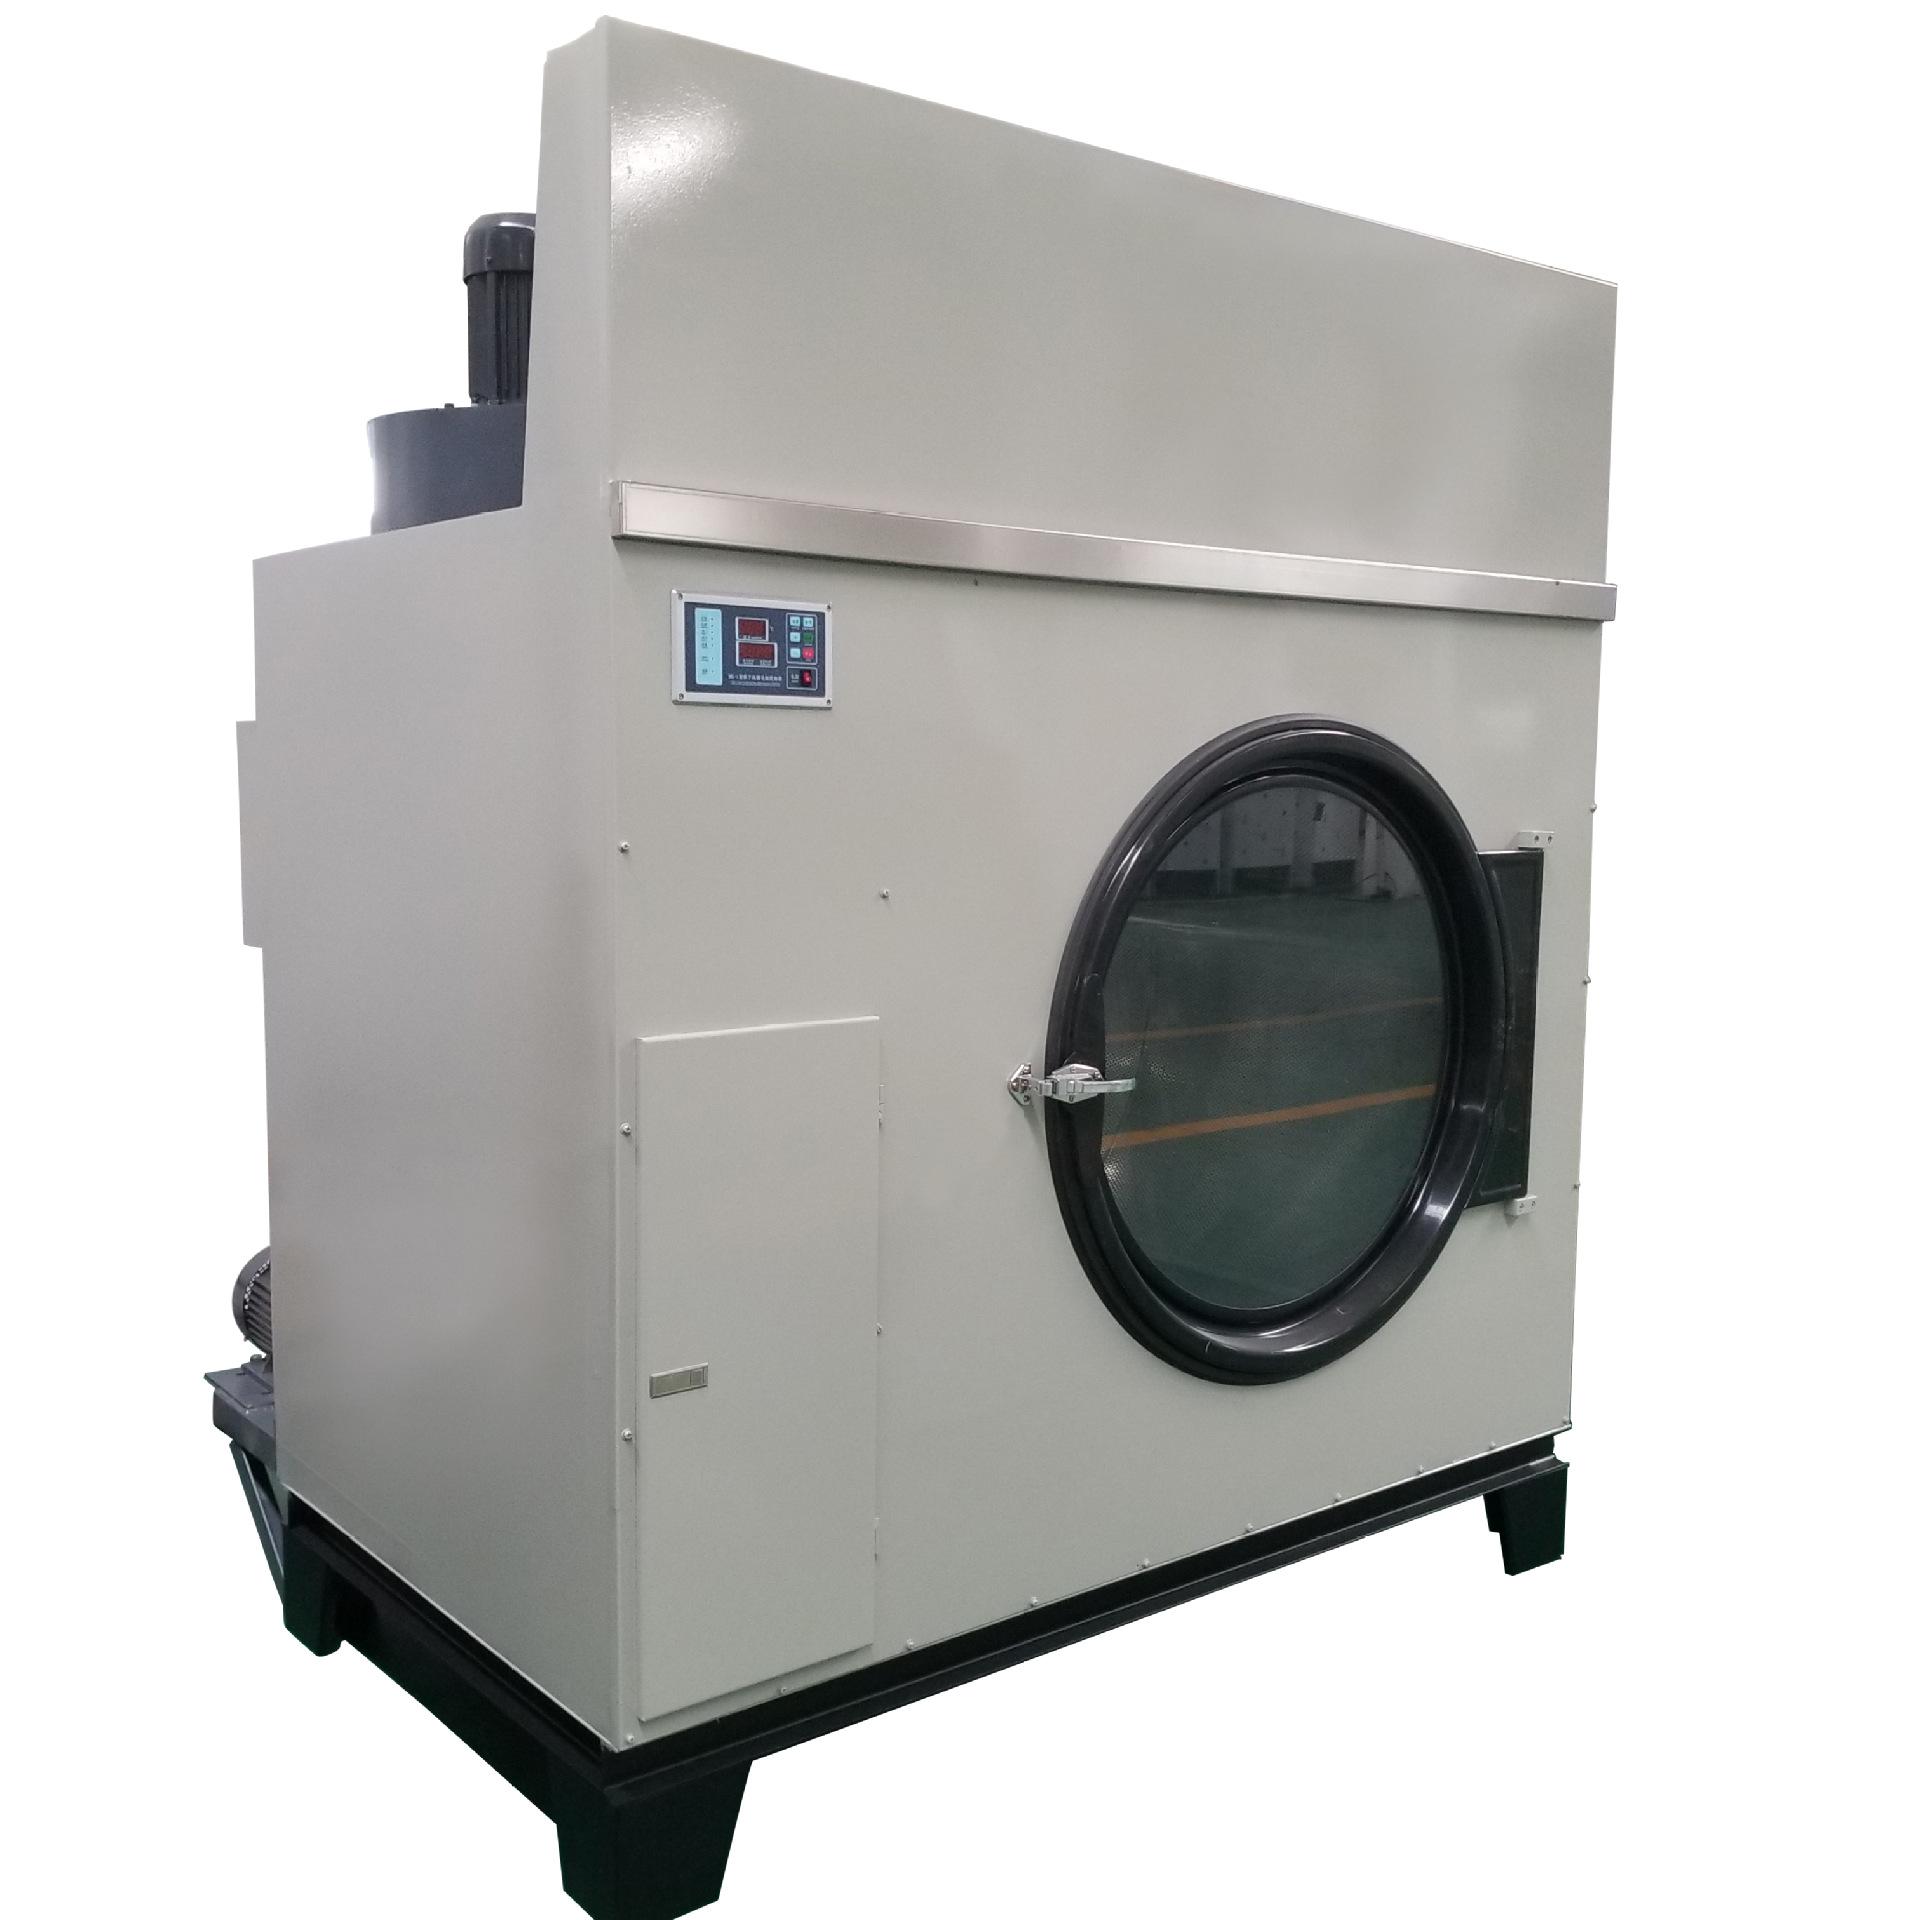 HAIFENG Máy sấy, tạo dang tóc Máy sấy quần áo cardigan Máy giặt và thiết bị sấy khăn Khăn 50kg100kg